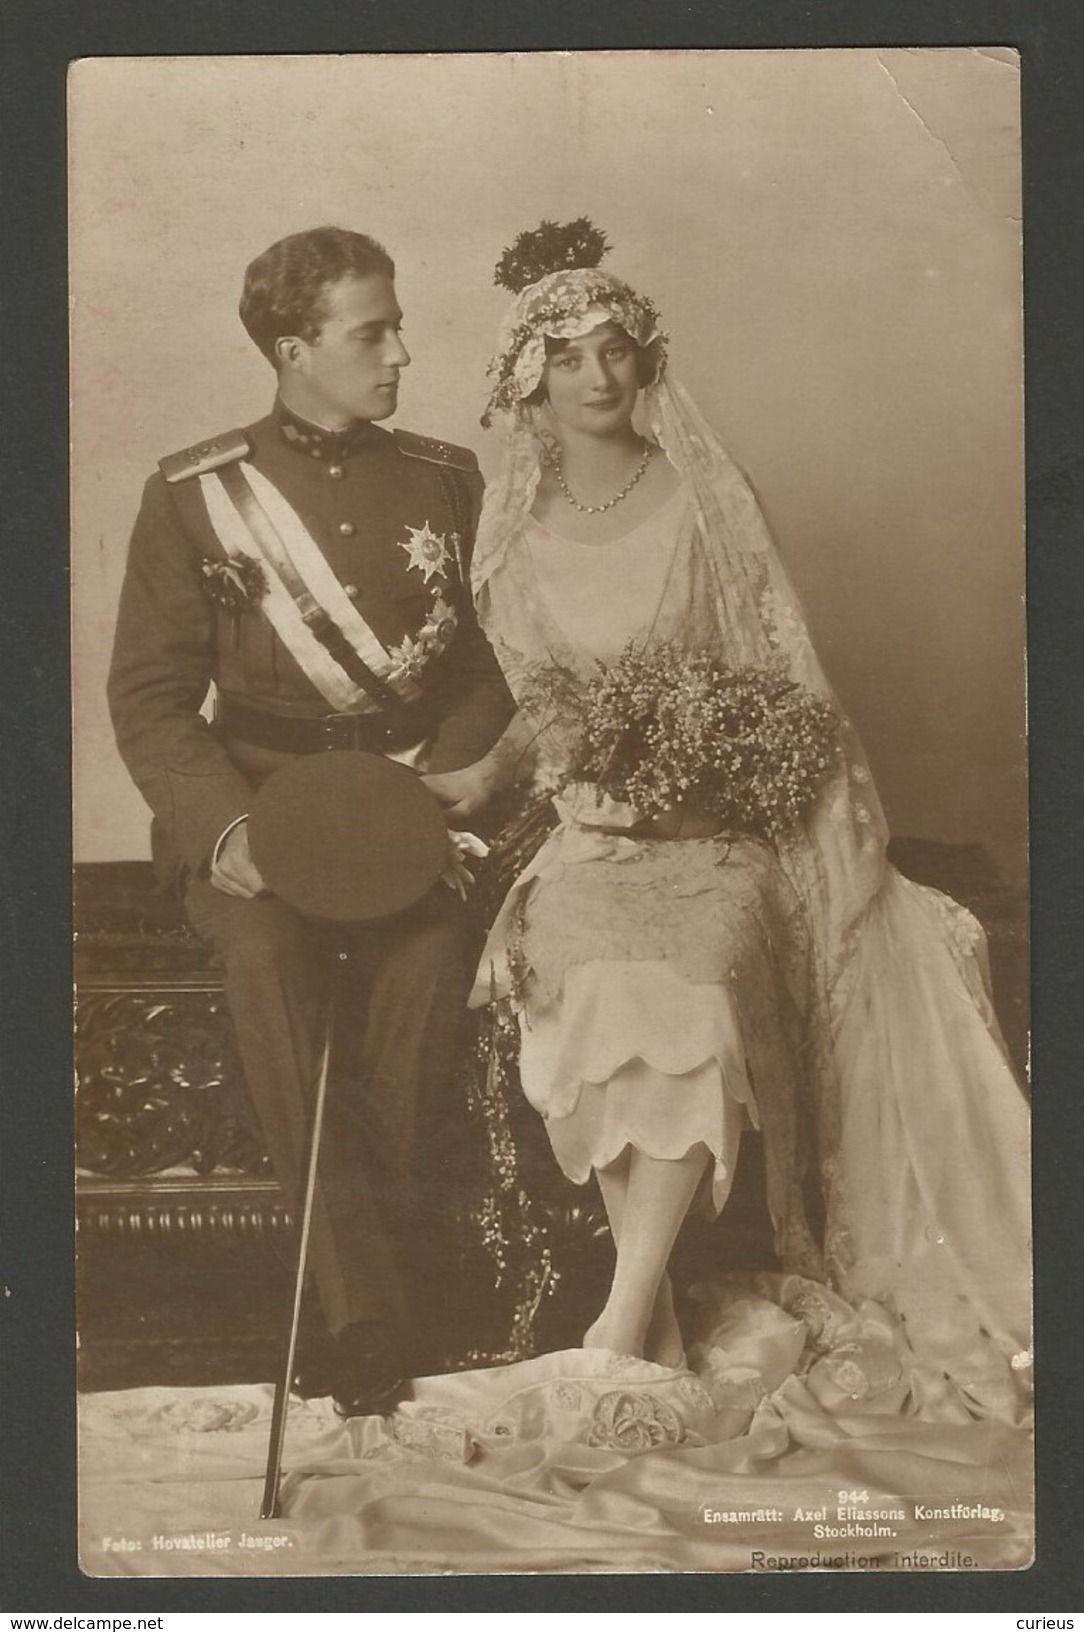 Pin Van Suzanna Byrne Op Queen Astrid Koninklijke Familie Koninginnen Belgie [ 1632 x 1084 Pixel ]